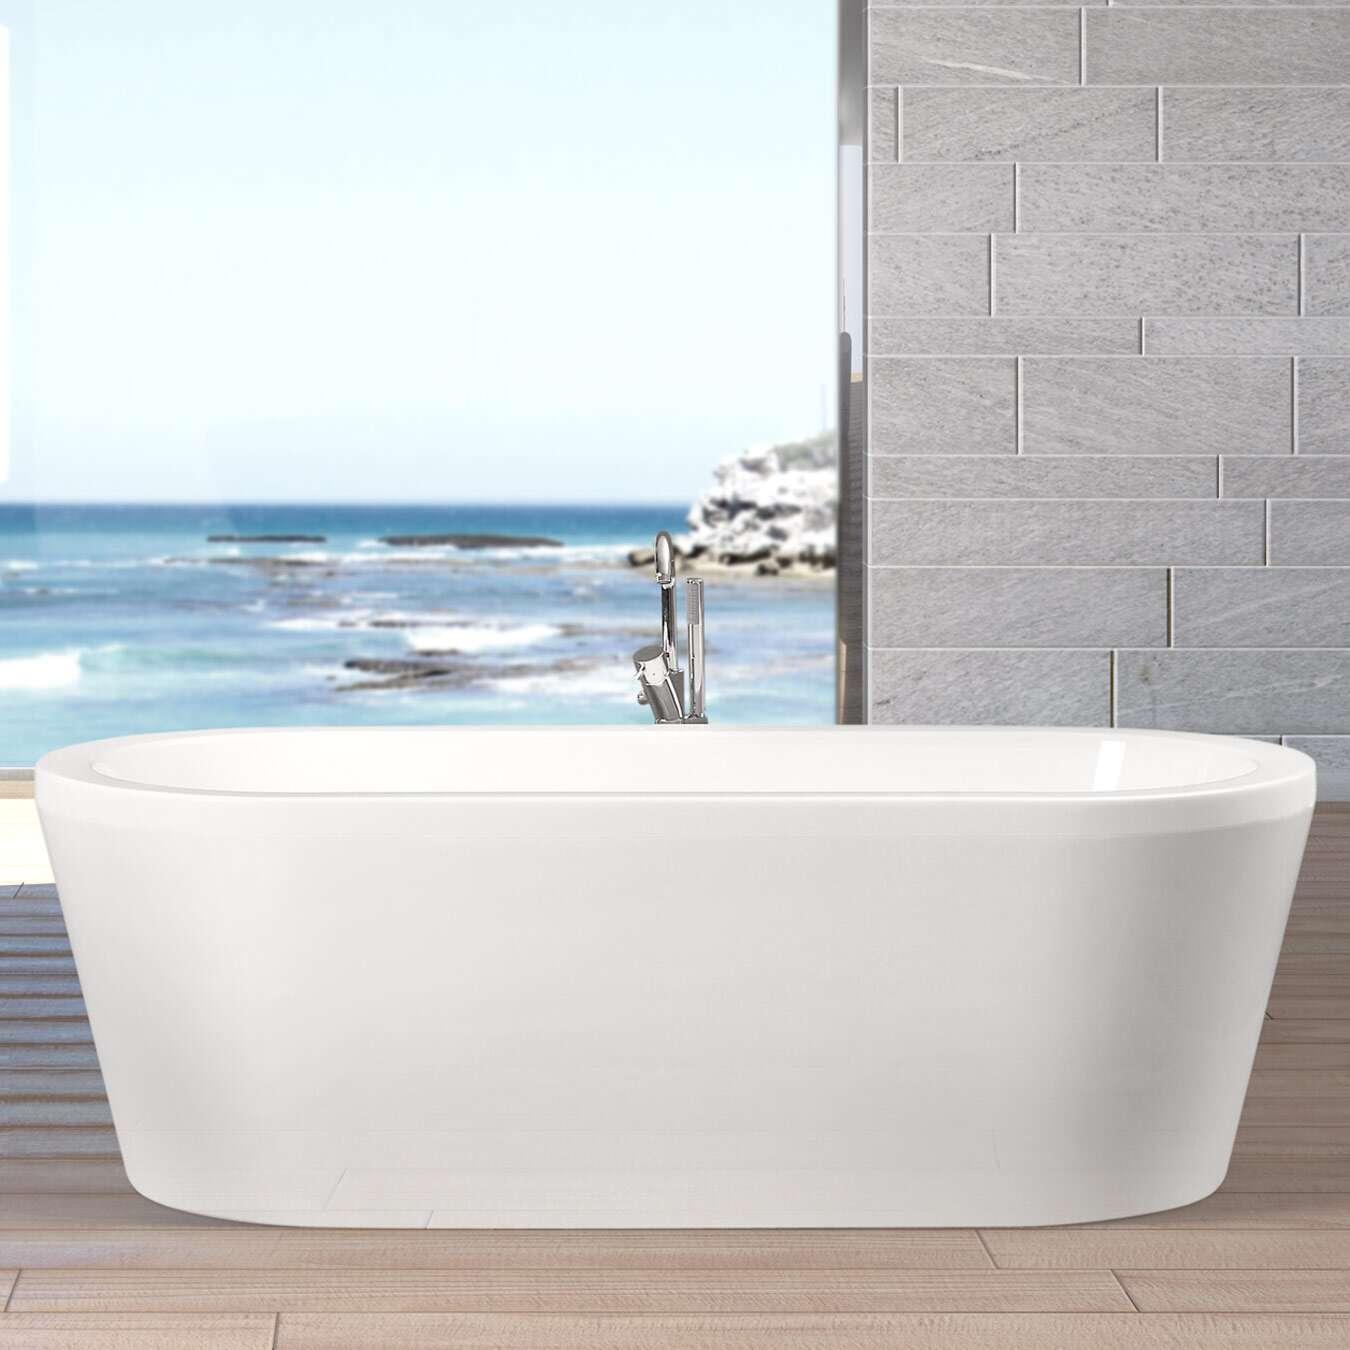 ottofond freistehende badewanne flora 180 x 80 703202bw. Black Bedroom Furniture Sets. Home Design Ideas